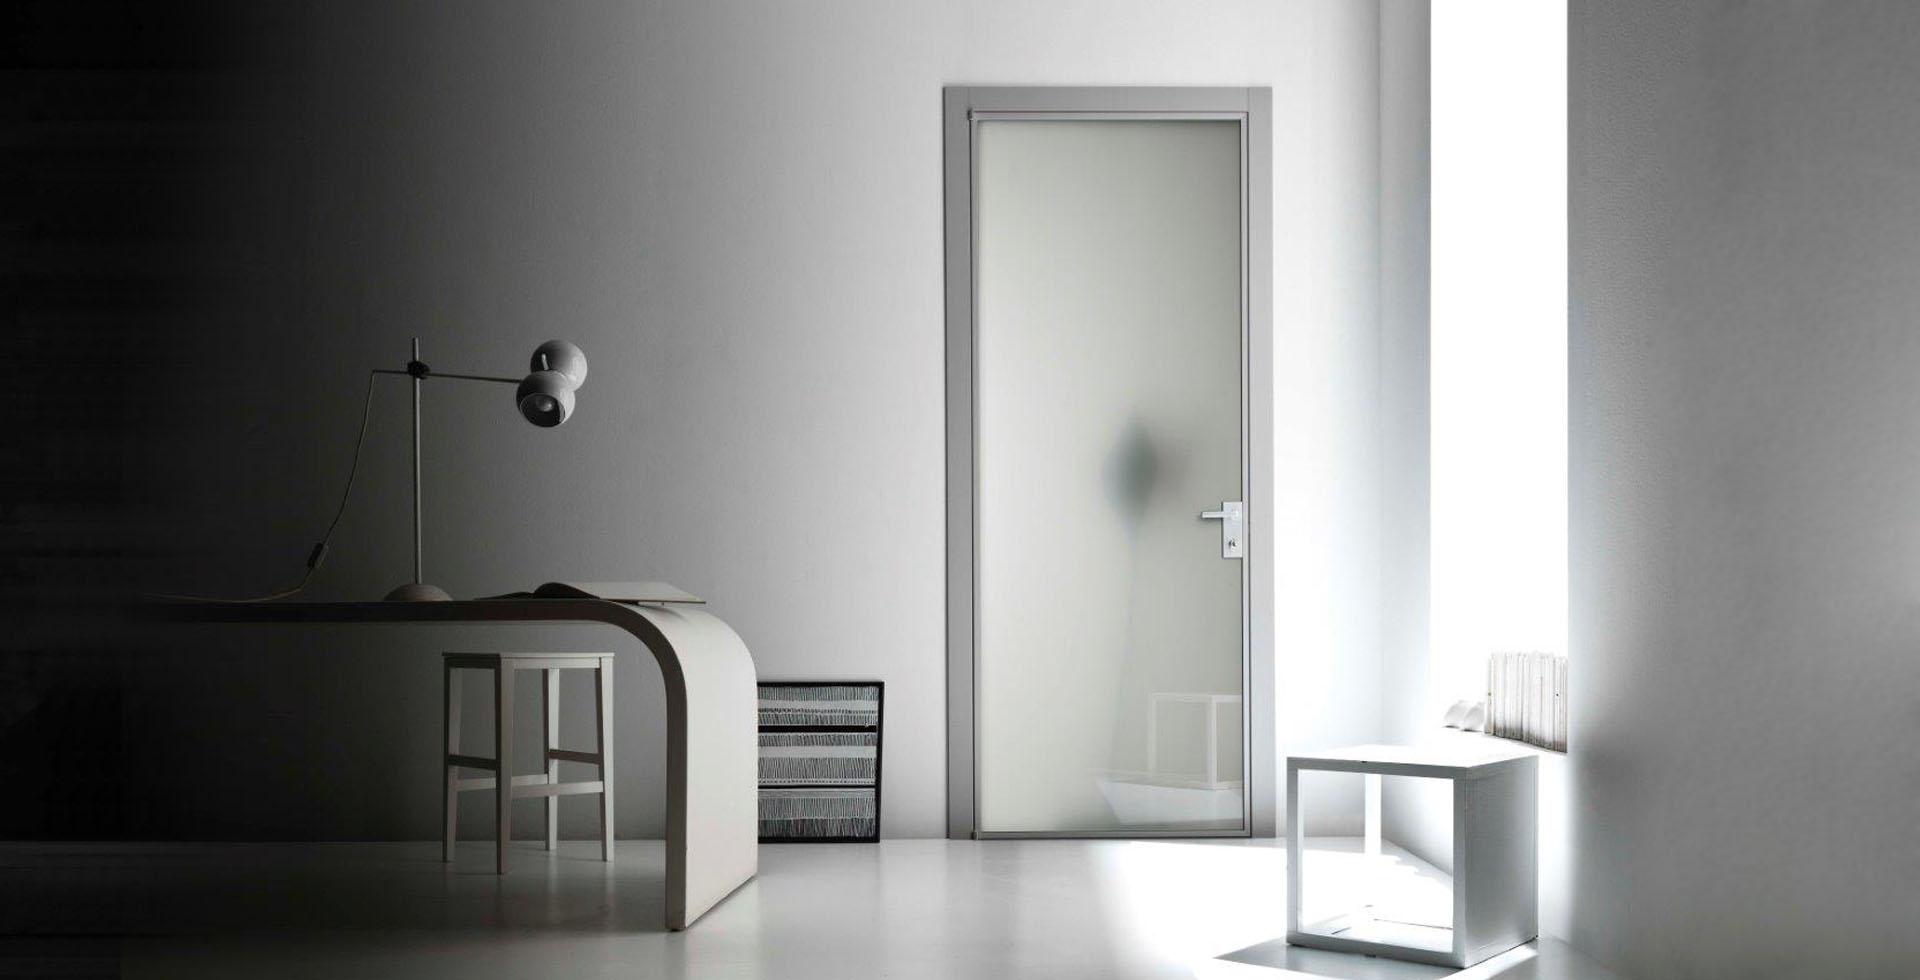 Normativa uni 7697 2014 criteri di sicurezza nelle - Altezza parapetti finestre normativa ...